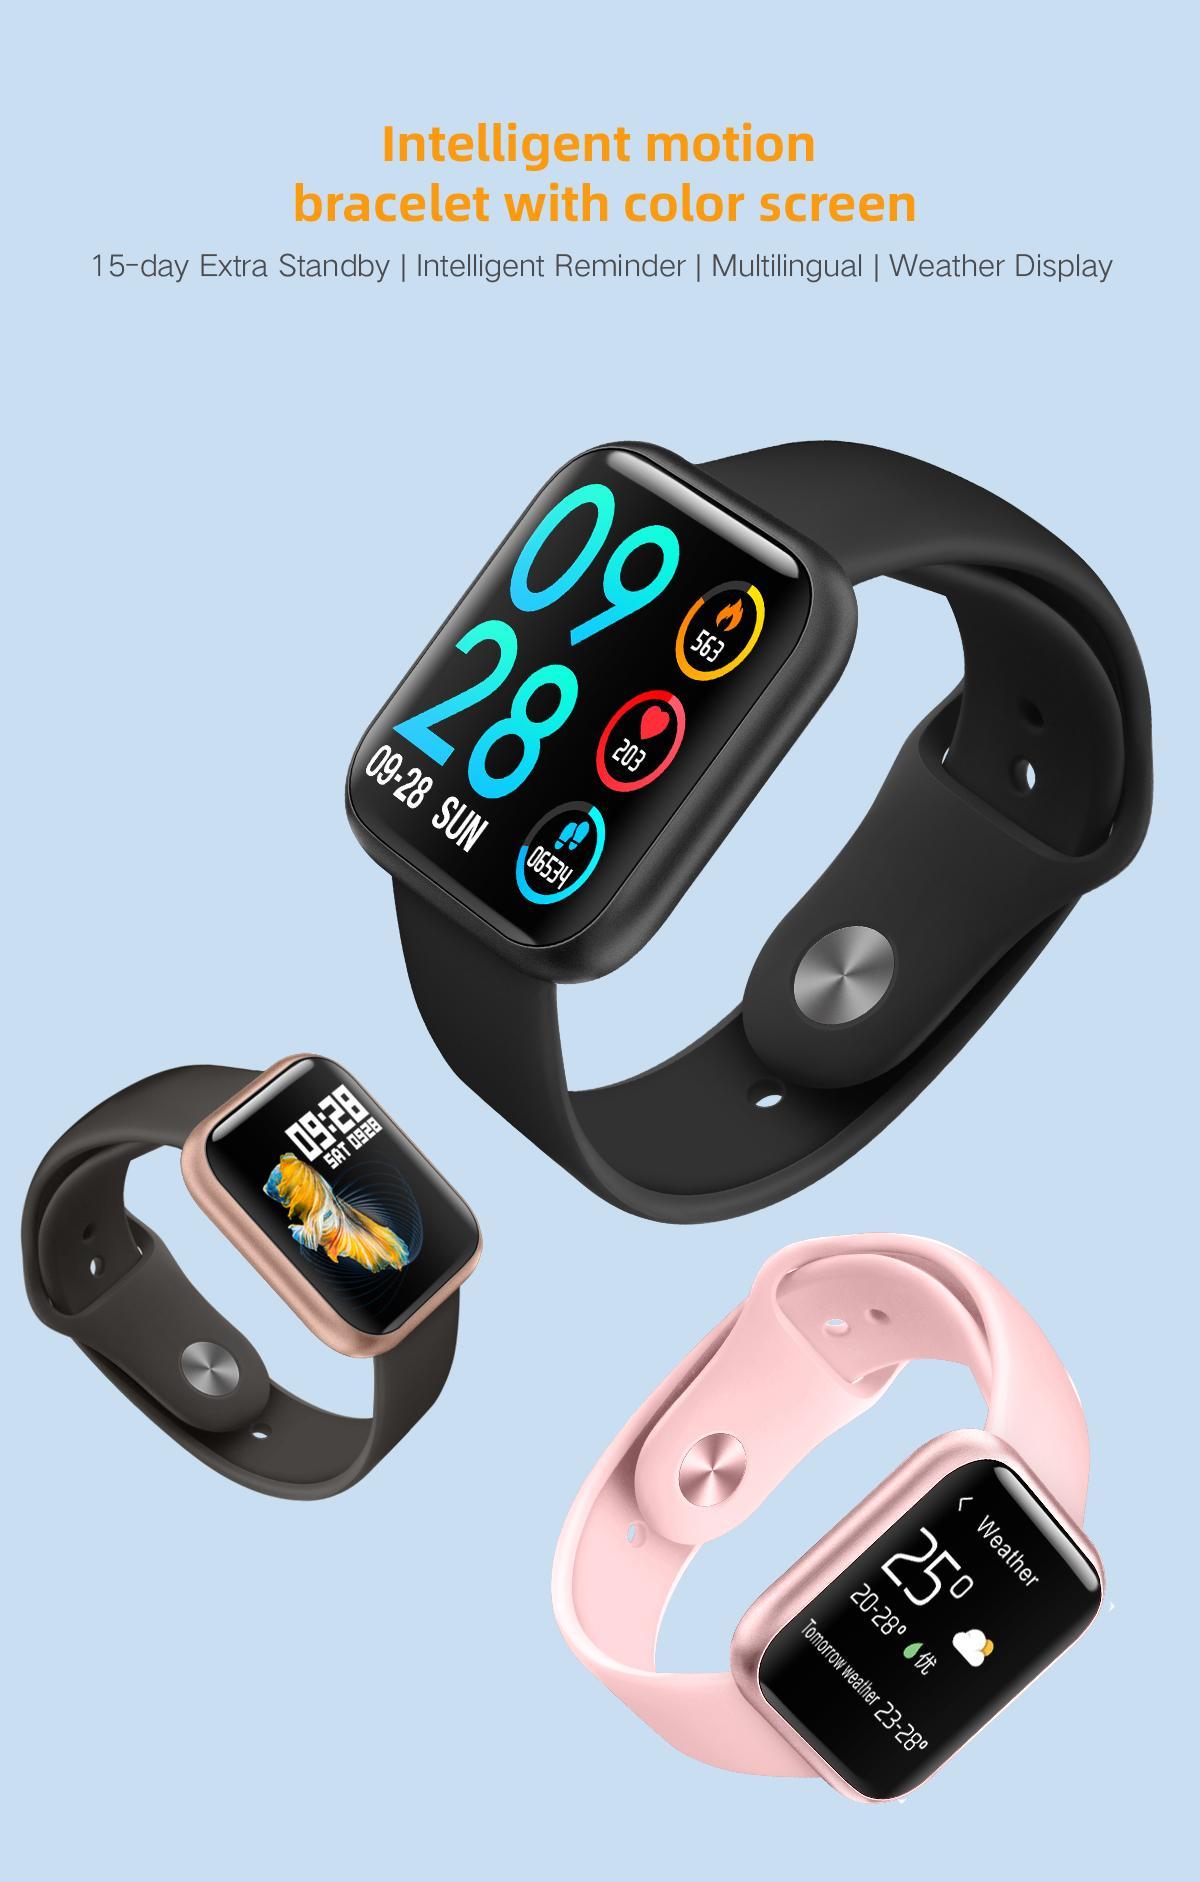 P80 Smart Watch Office человек женщина IP68 водонепроницаемый монитор сердечных сокращений Фитнес трекер артериальный давление SmartWatch DHL бесплатно